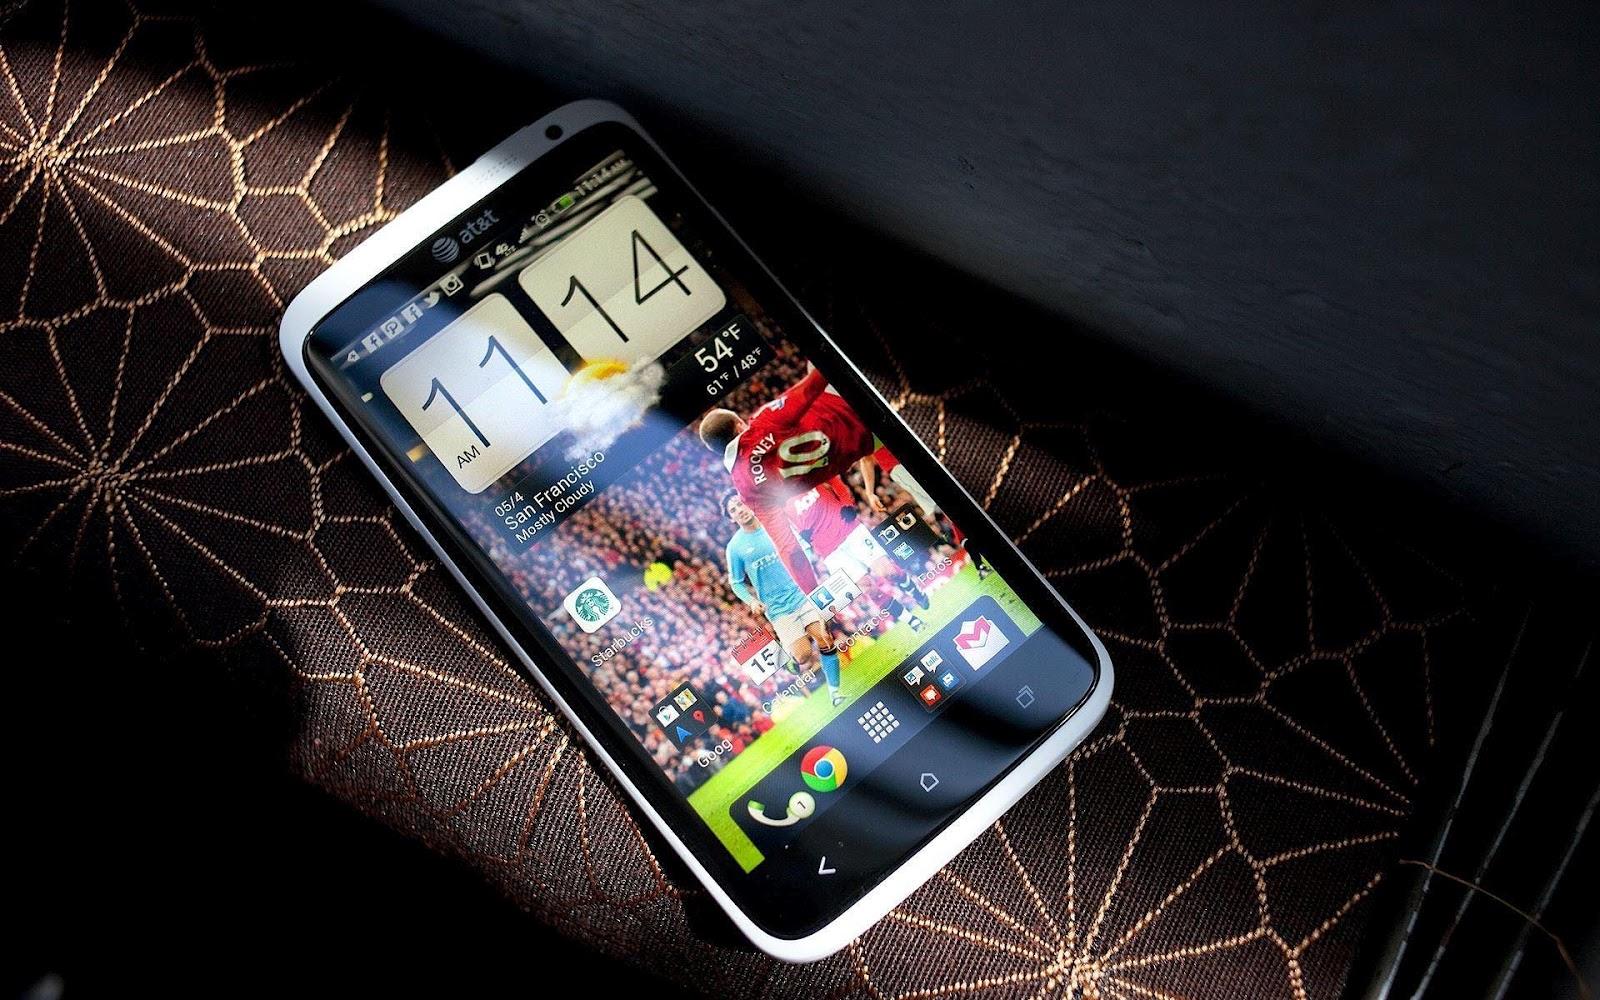 Free Download Mobiele Telefoon De Htc One X Wallpaper